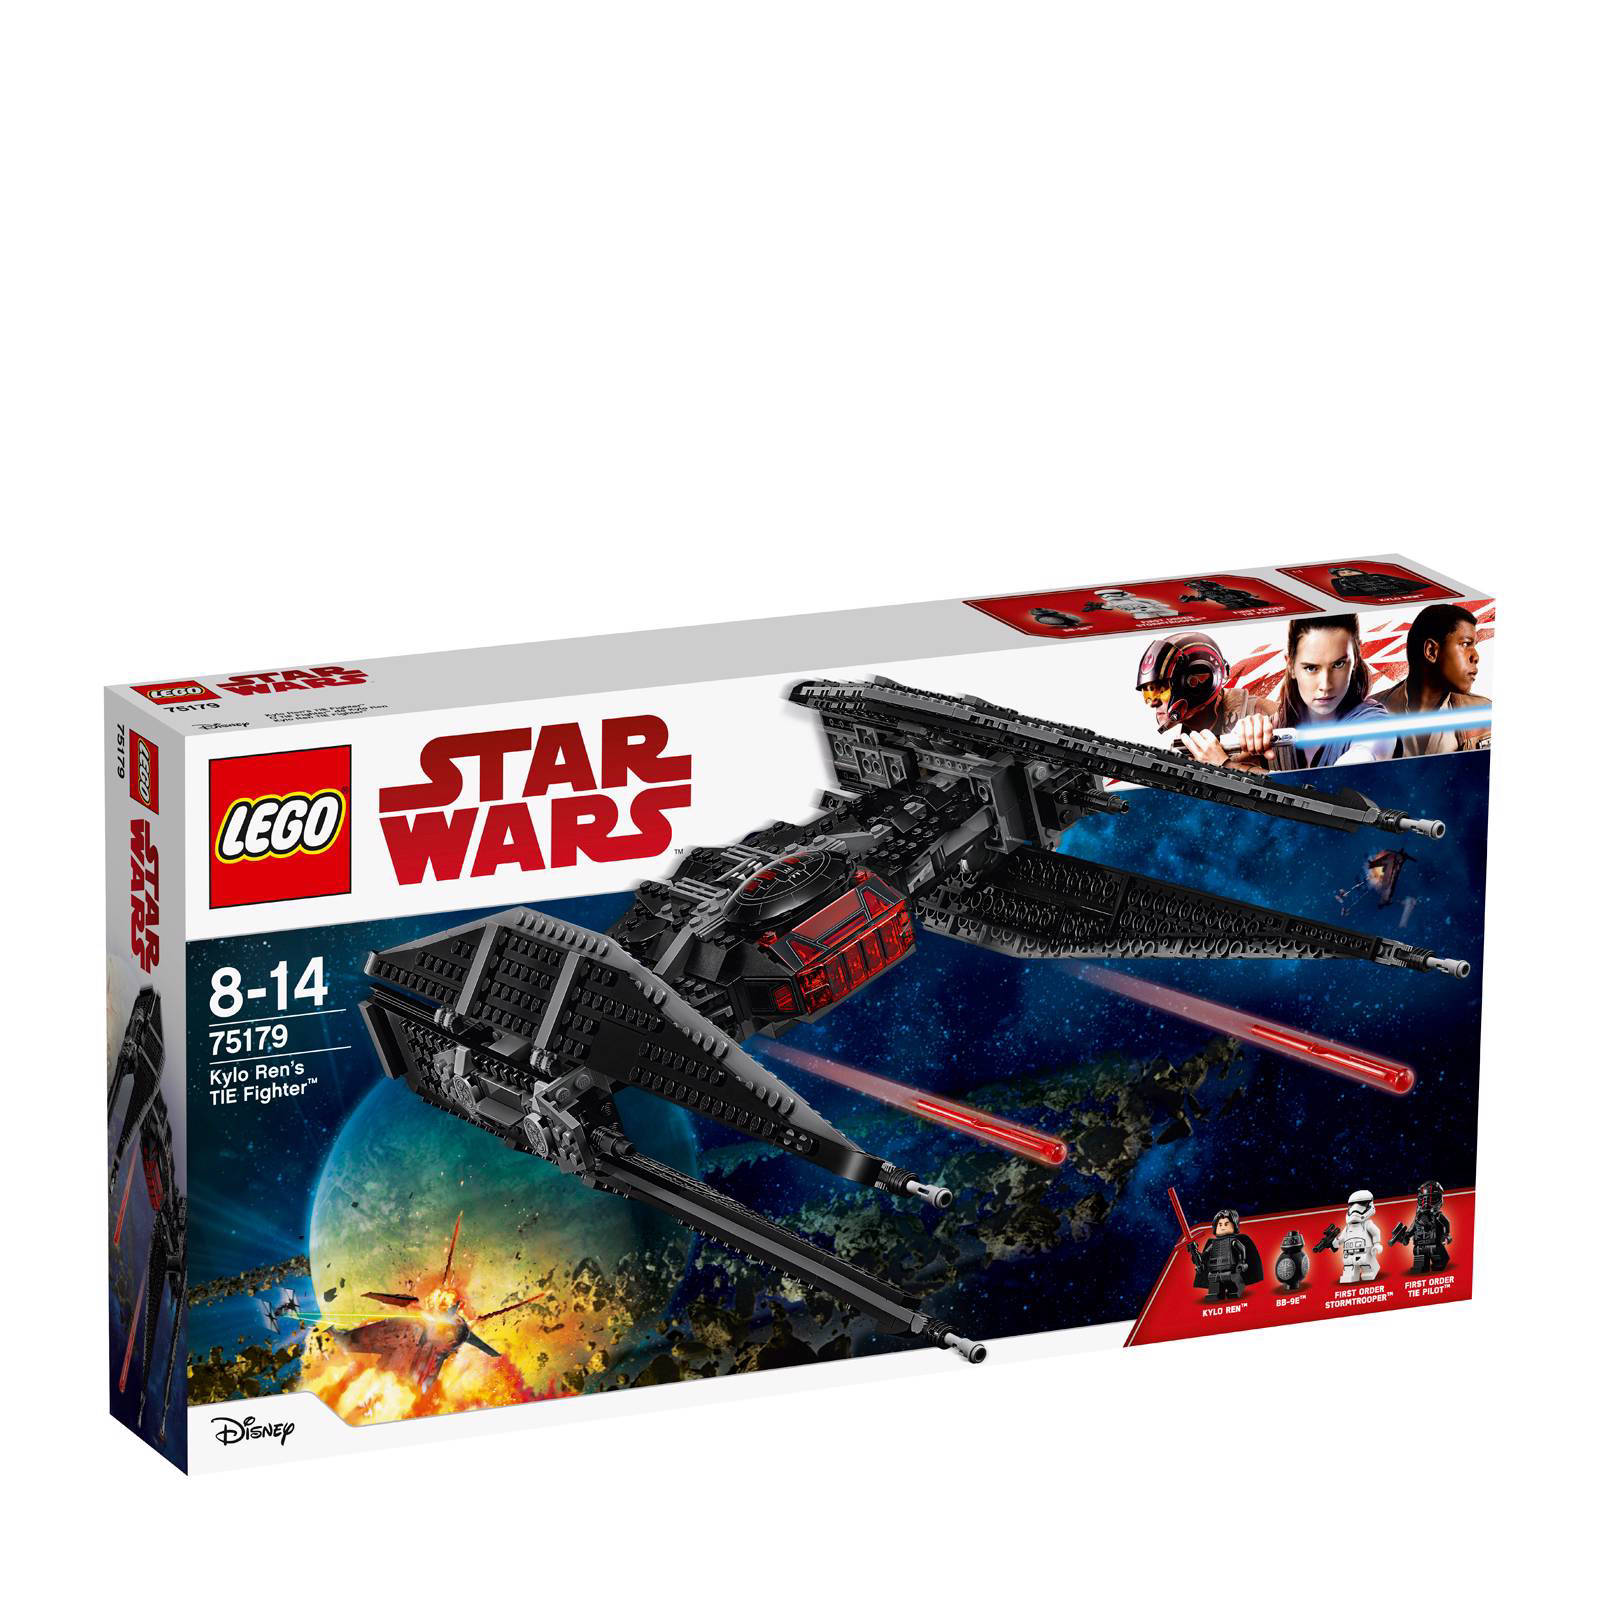 LEGO Star Wars Star Wars Kylo Ren's TIE Fighter 75179